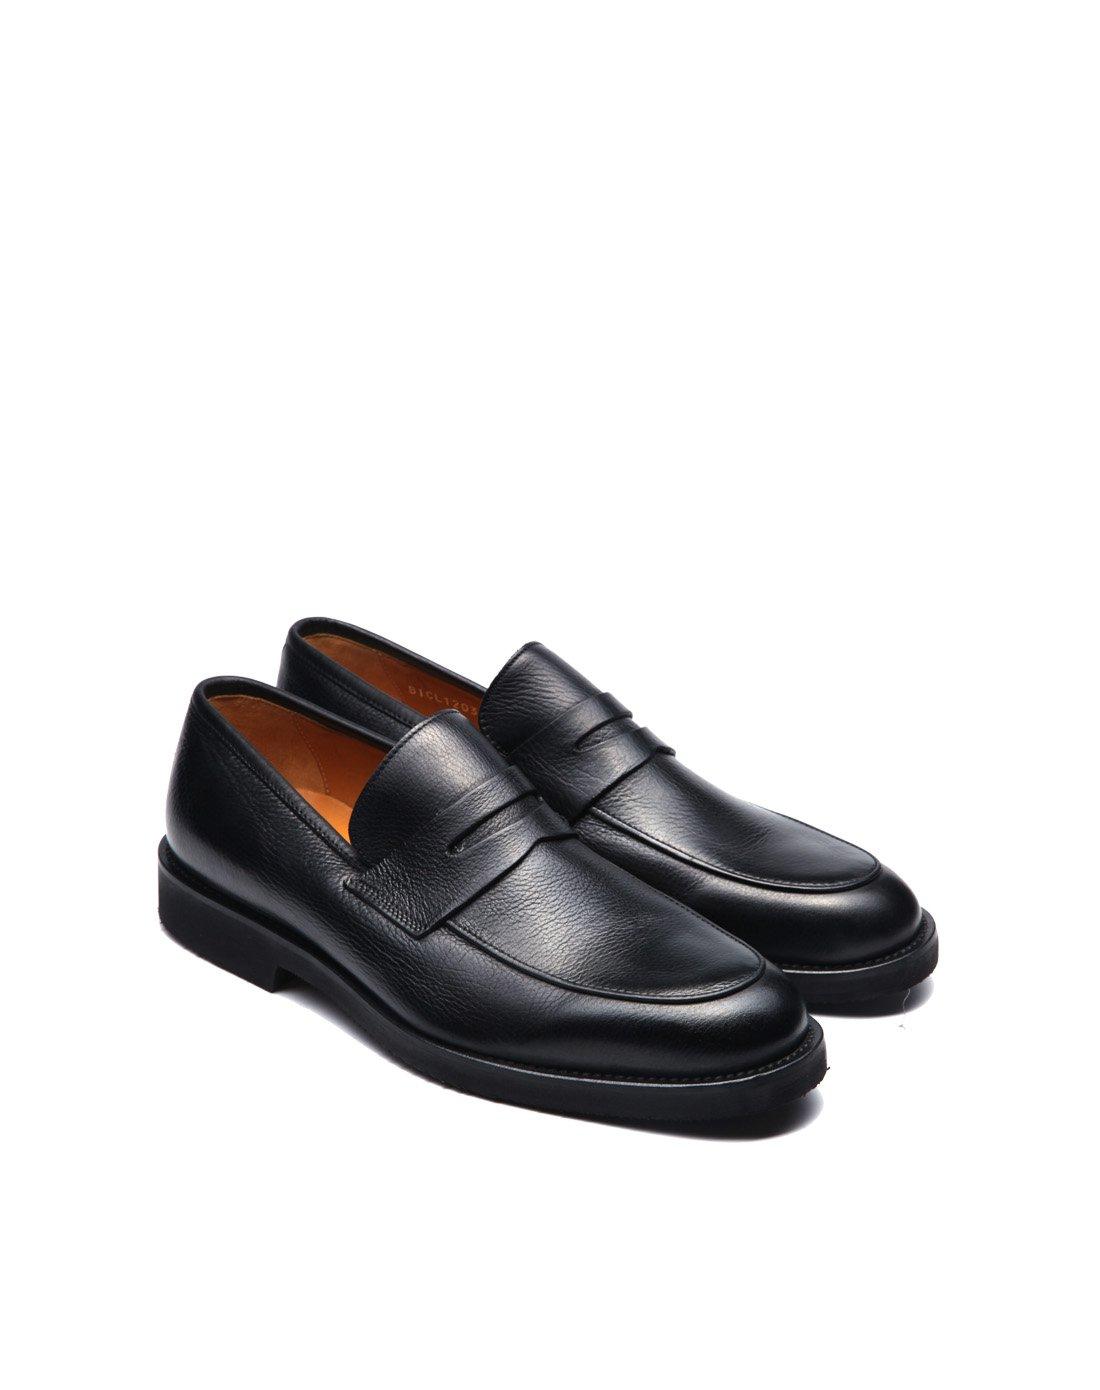 巴路士新品欧洲男士意大利进口牛皮欧美时尚车缝线套脚低帮商务鞋BICL120301